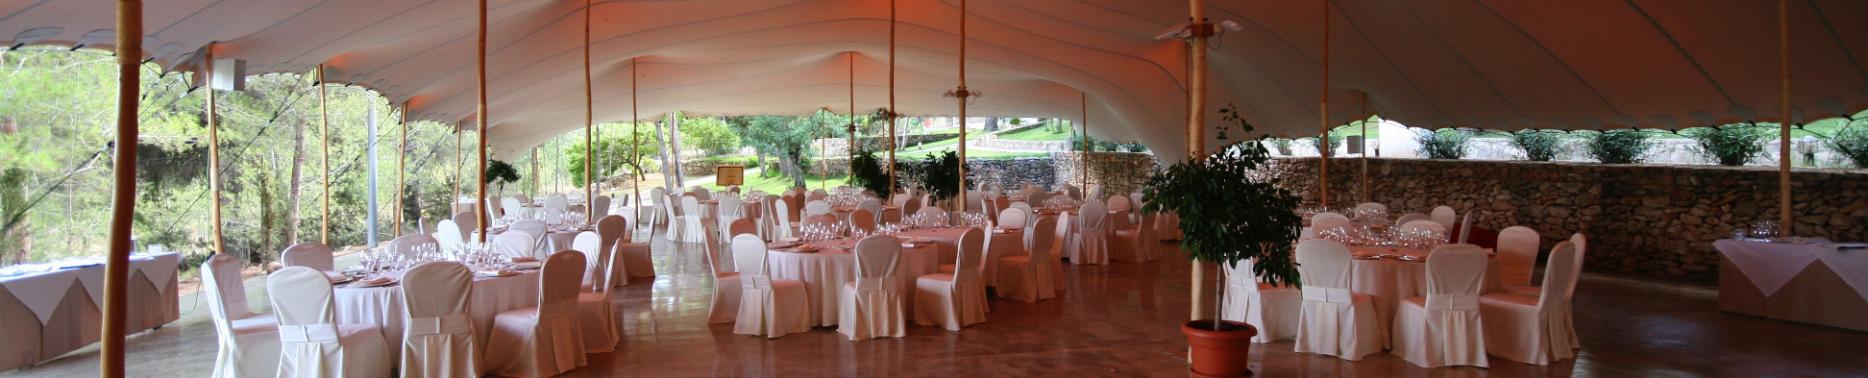 Tentickle-Hochzeit6_klein-e1532605038400